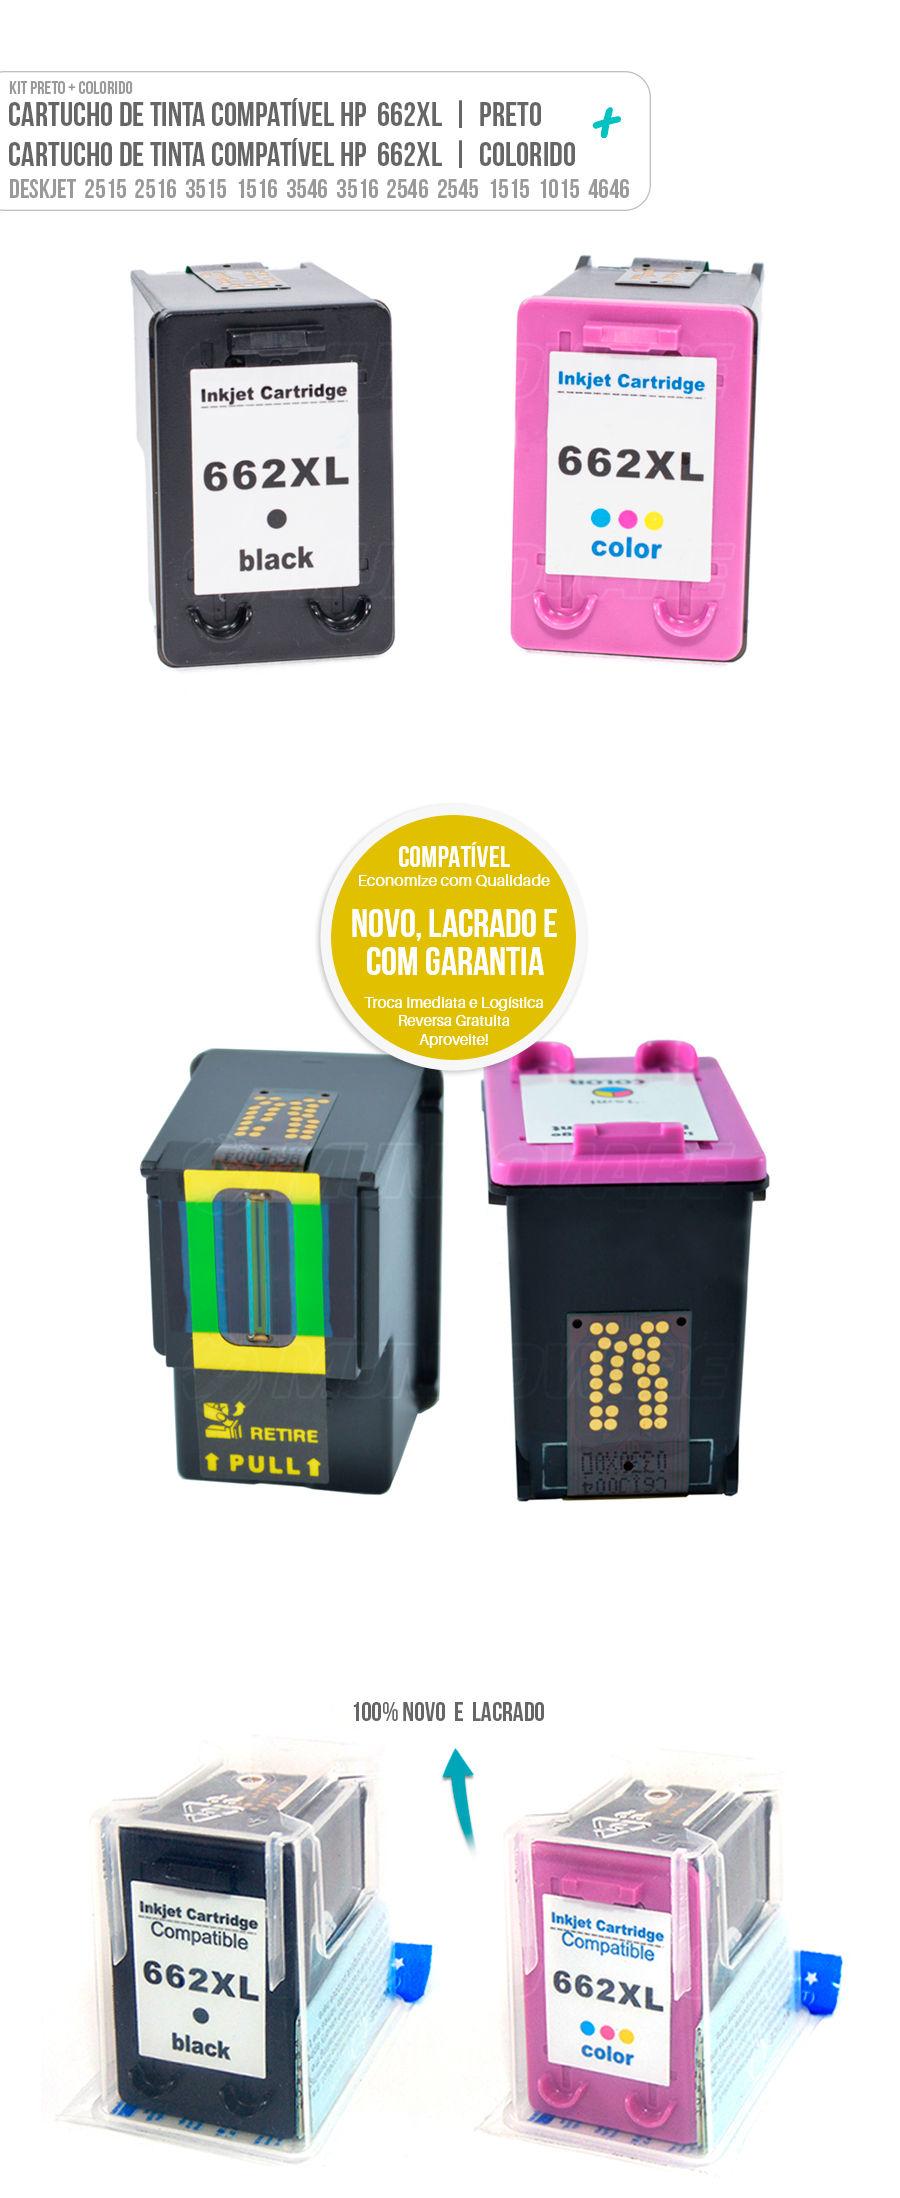 Cartucho de Tinta Deskjet Colorido Color Black 662 662xl